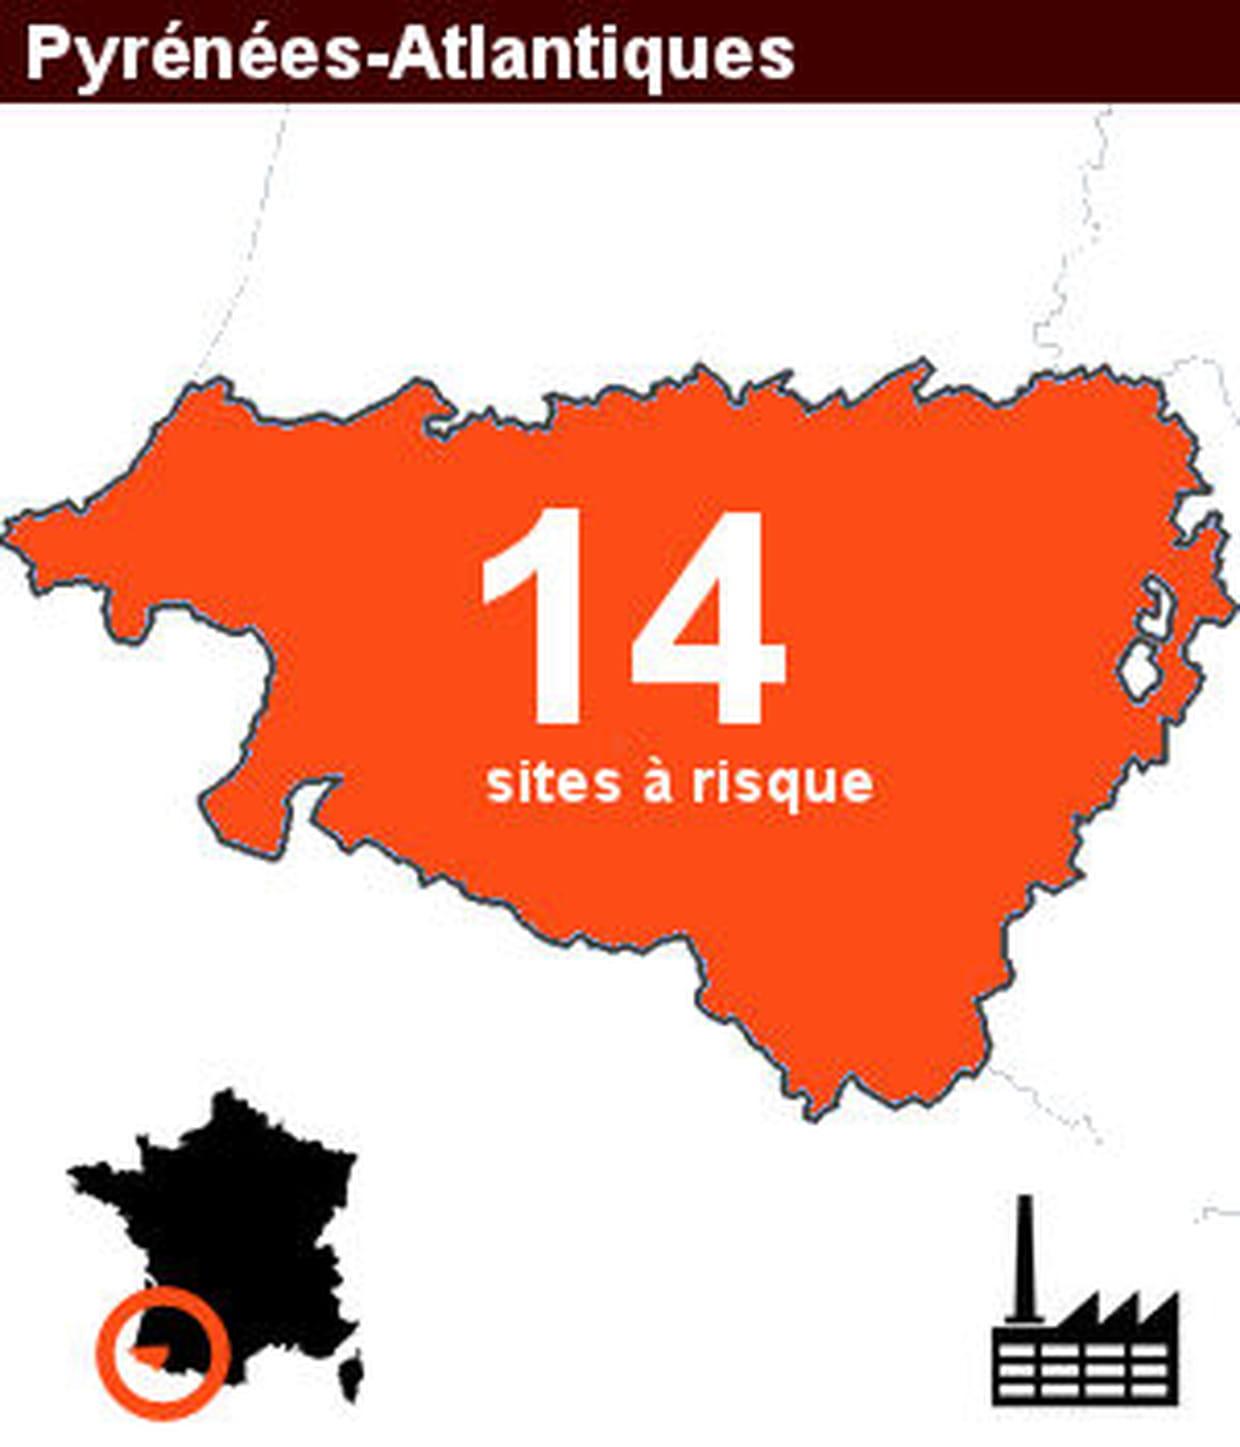 Cours De Cuisine Pyrenees Atlantiques 12e ex-aequo : les pyrénées-atlantiques